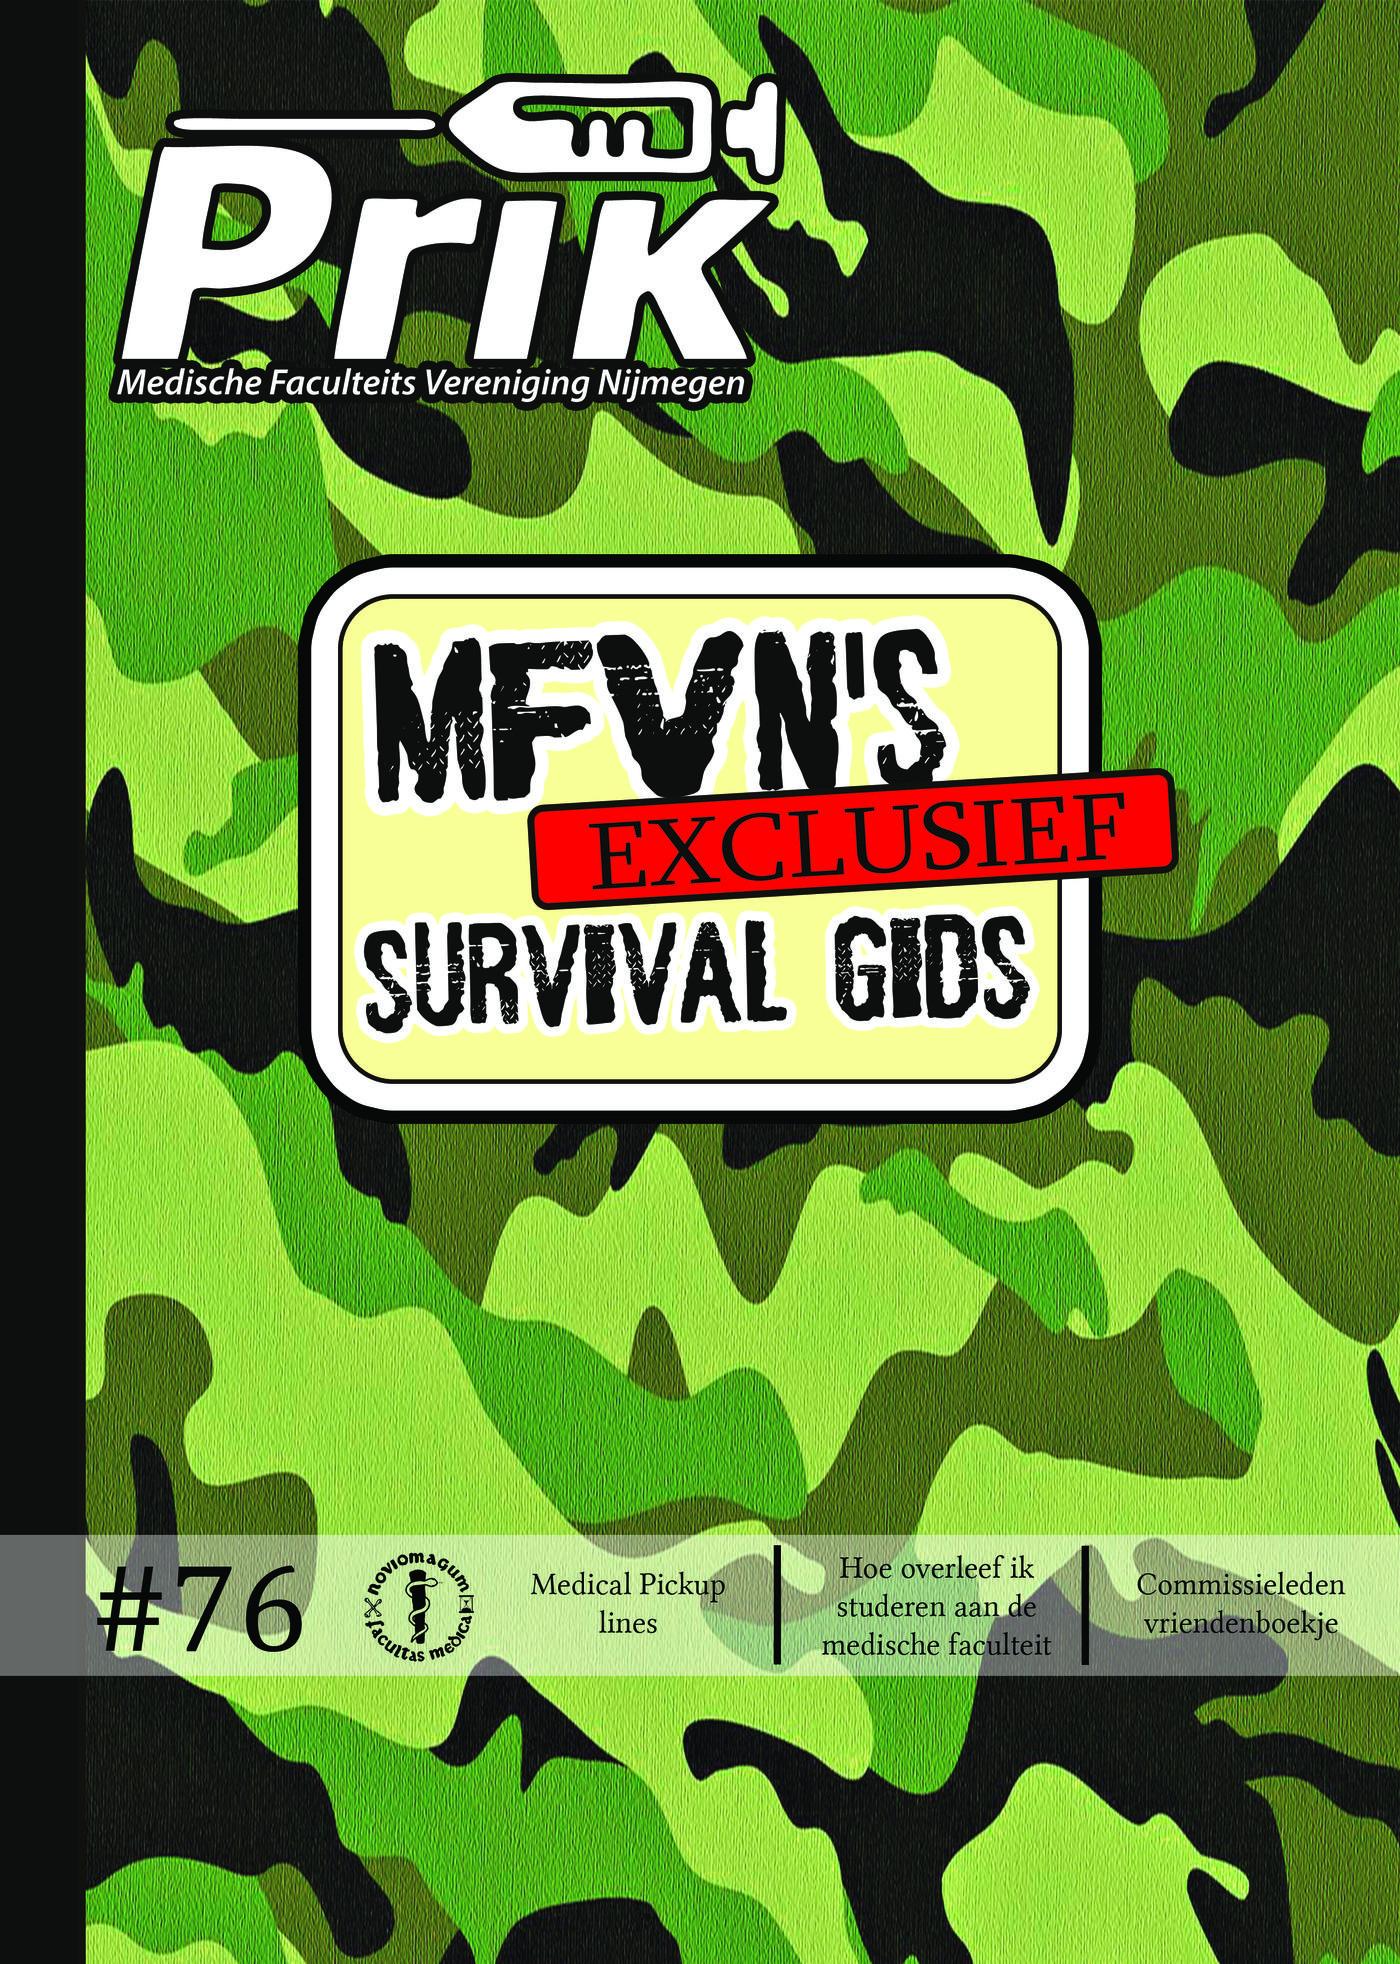 prik_voorkant_mfvn_survivalgids_1.jpg